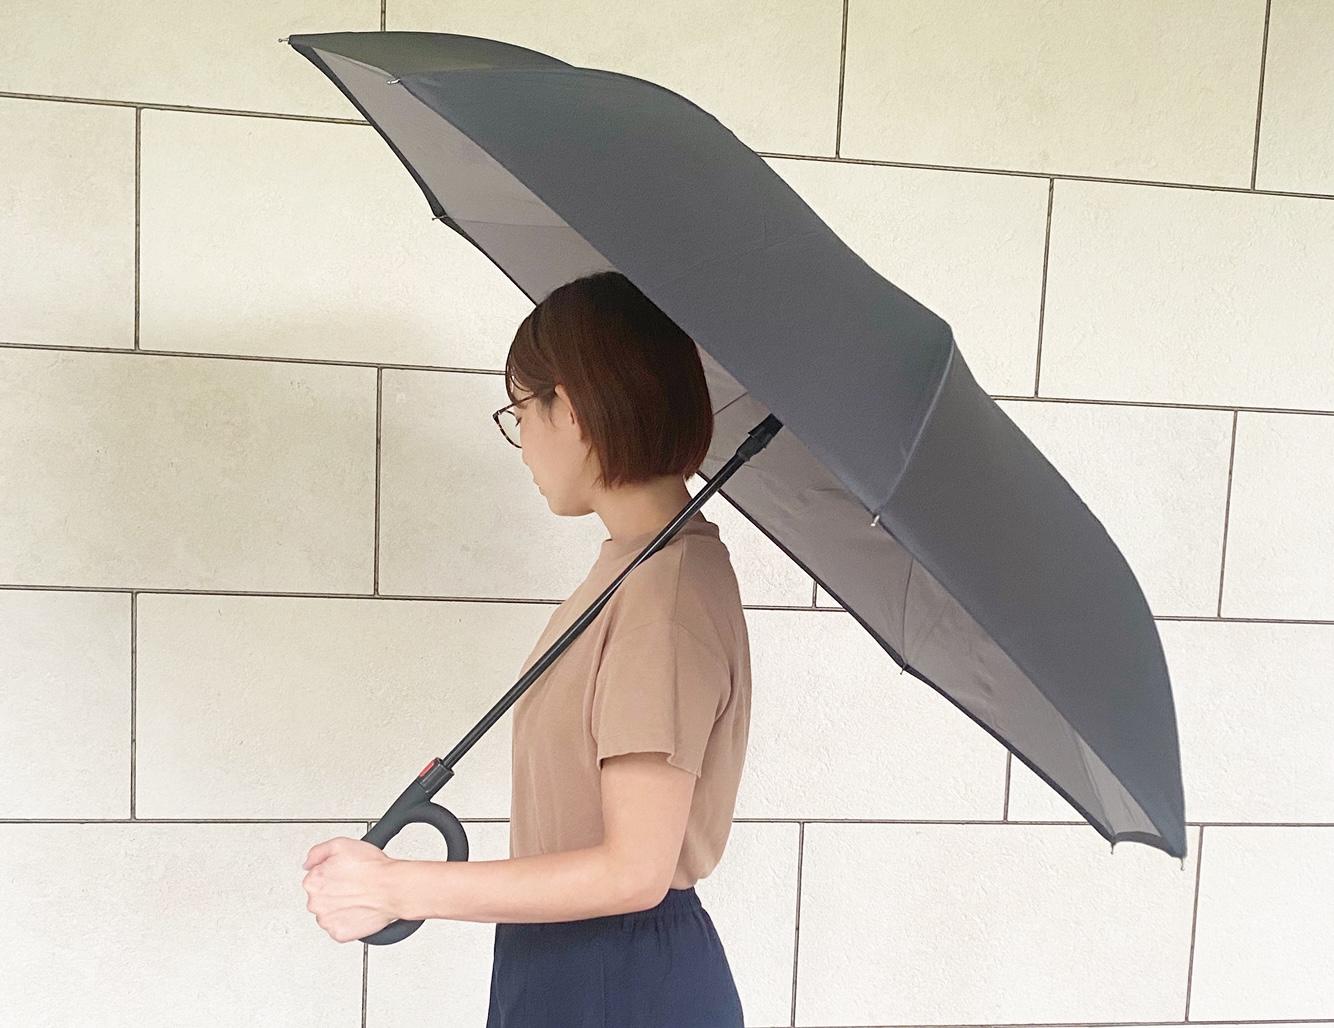 傘はワンタッチで簡単に開くことができます